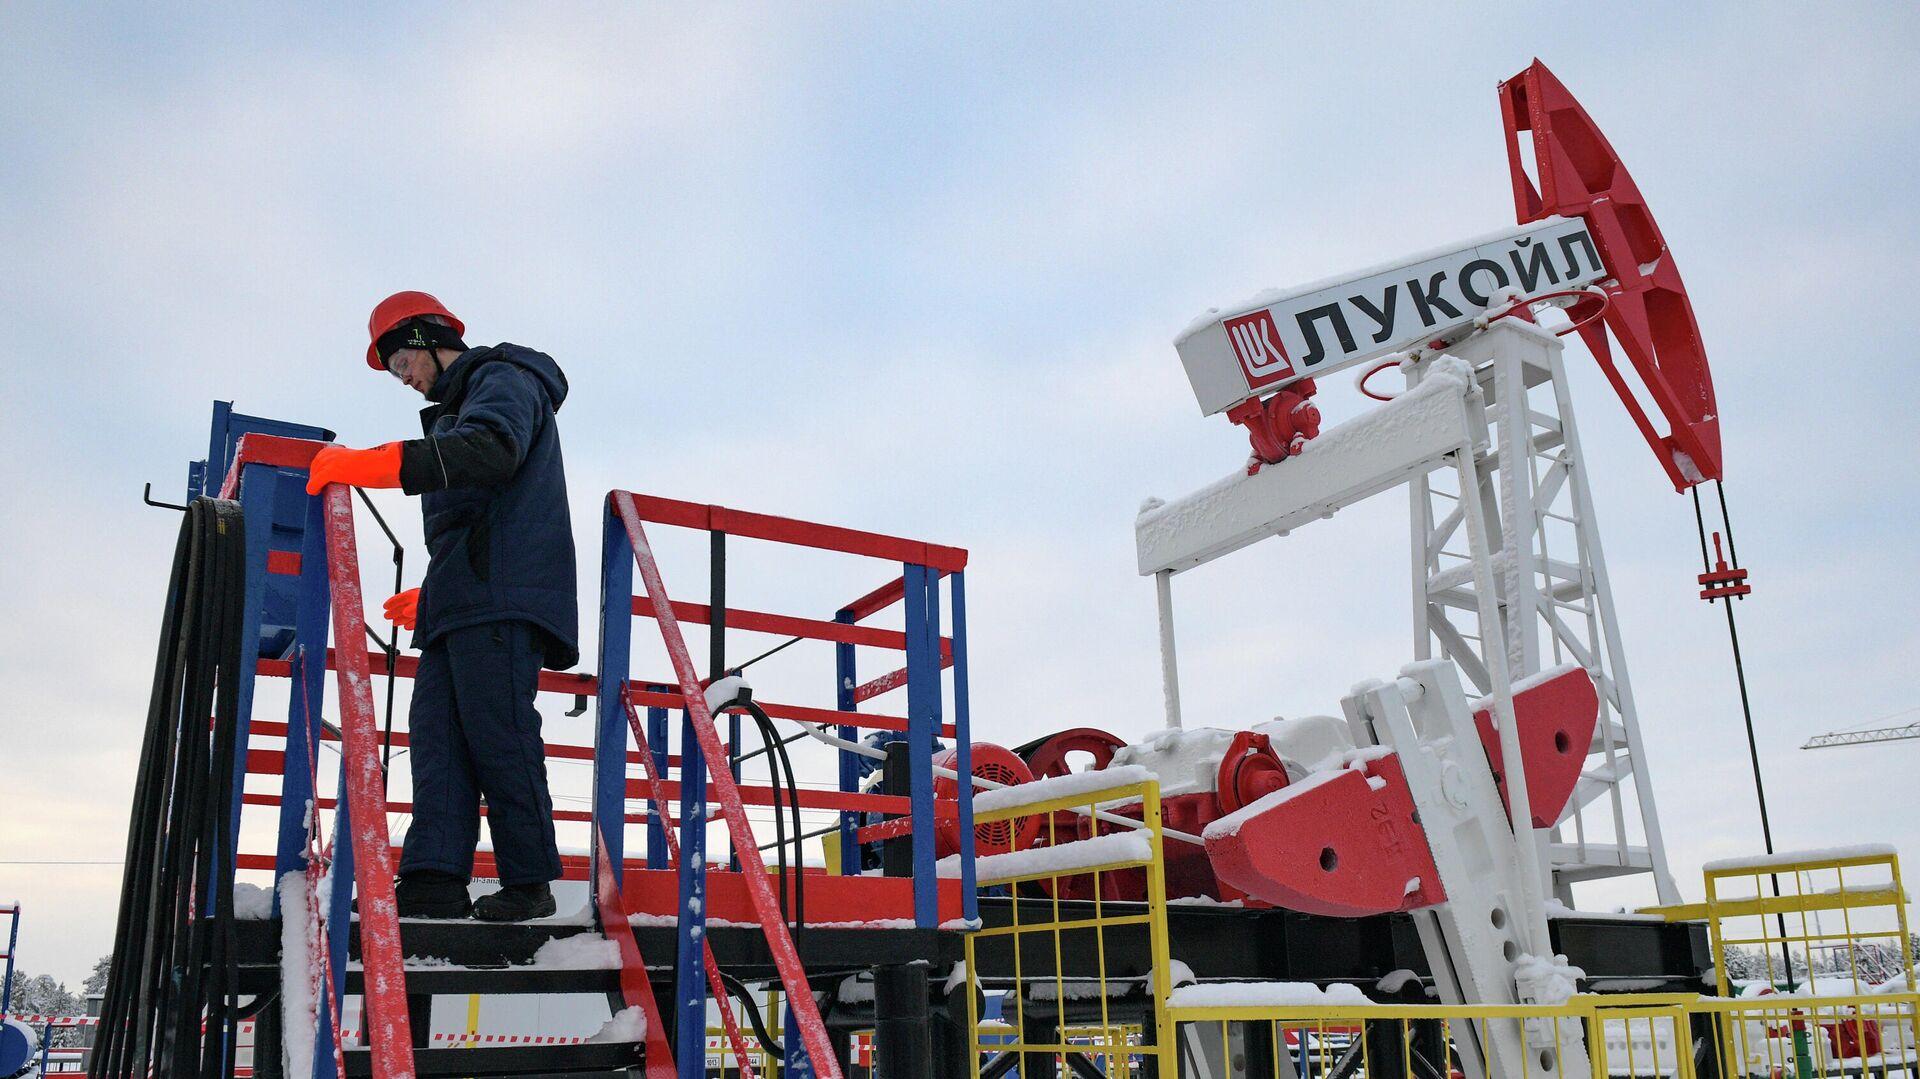 Студенты-газонефтедобытчики учатся на нефтепромысловом оборудовании - РИА Новости, 1920, 07.12.2020